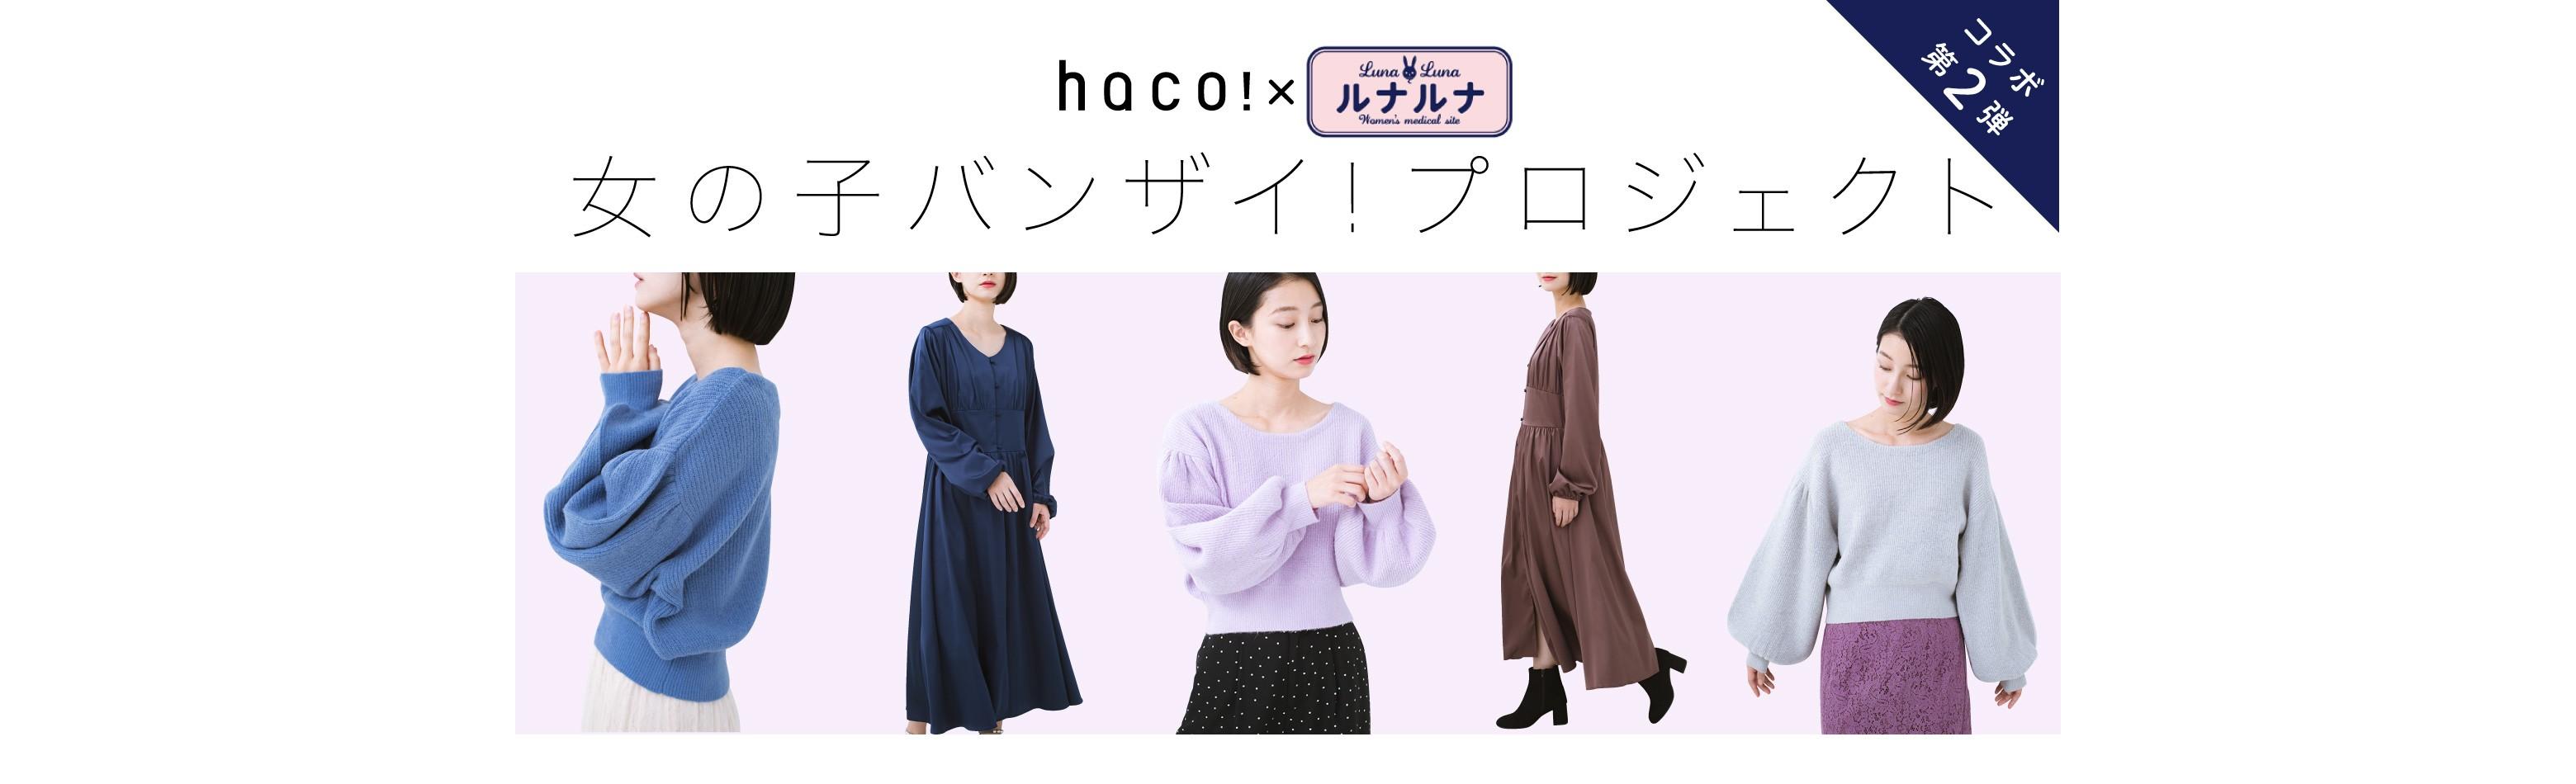 haco!✕ルナルナ キラキラ期に寄り添うお洋服